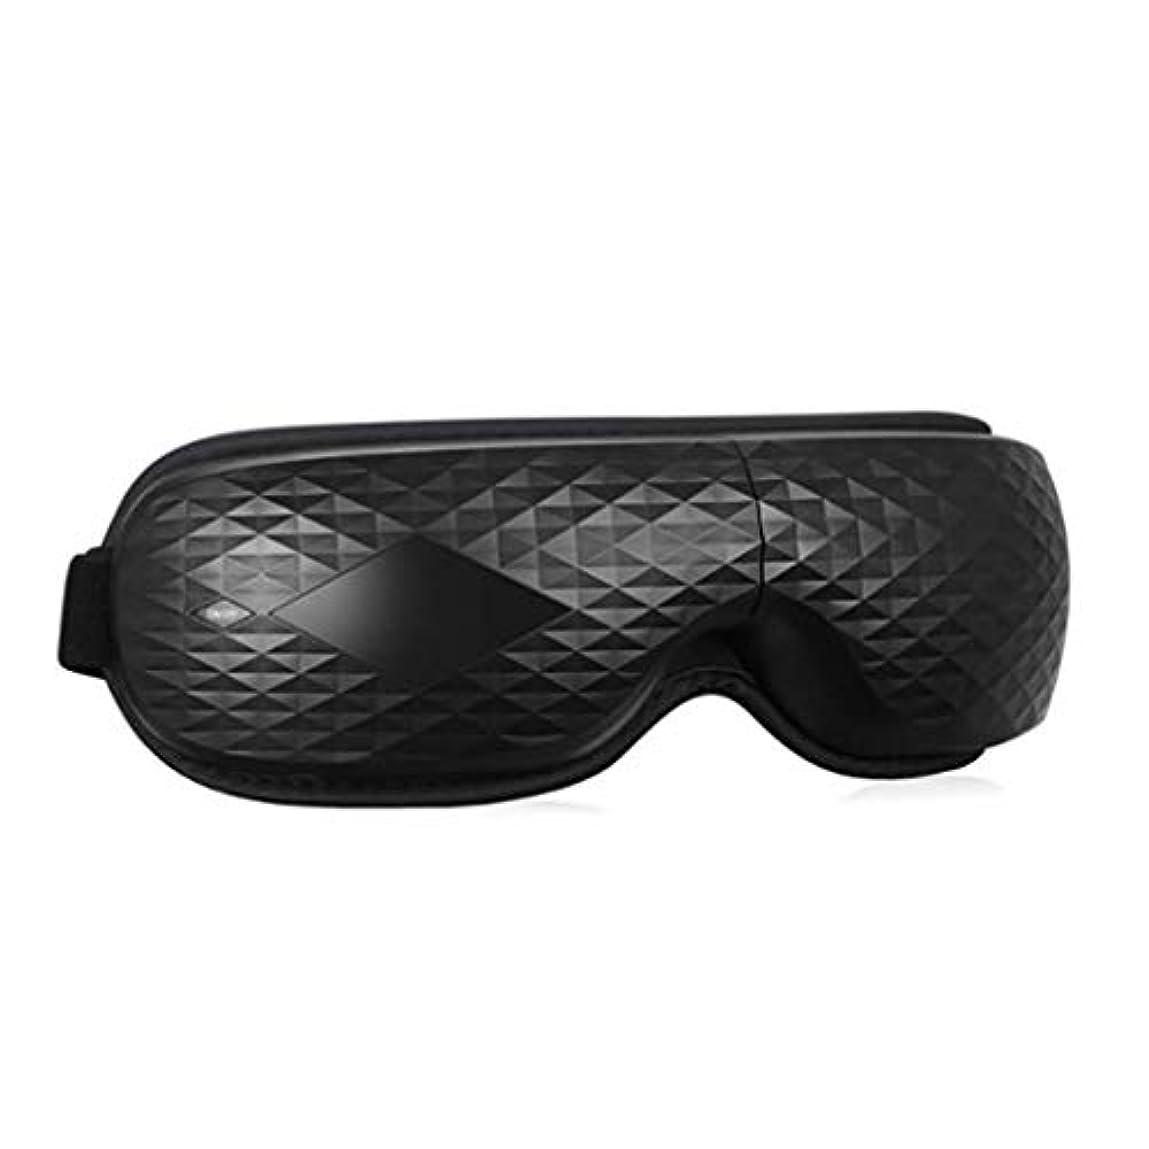 司教エスニック決済アイマッサージャー、折り畳み式Bluetooth赤外線アイマッサージャー、5つのモードの加熱/振動/空気圧縮と音楽、SPA眼科治療機器、疲労と痛みの軽減、睡眠の促進 (Color : Obsidian)